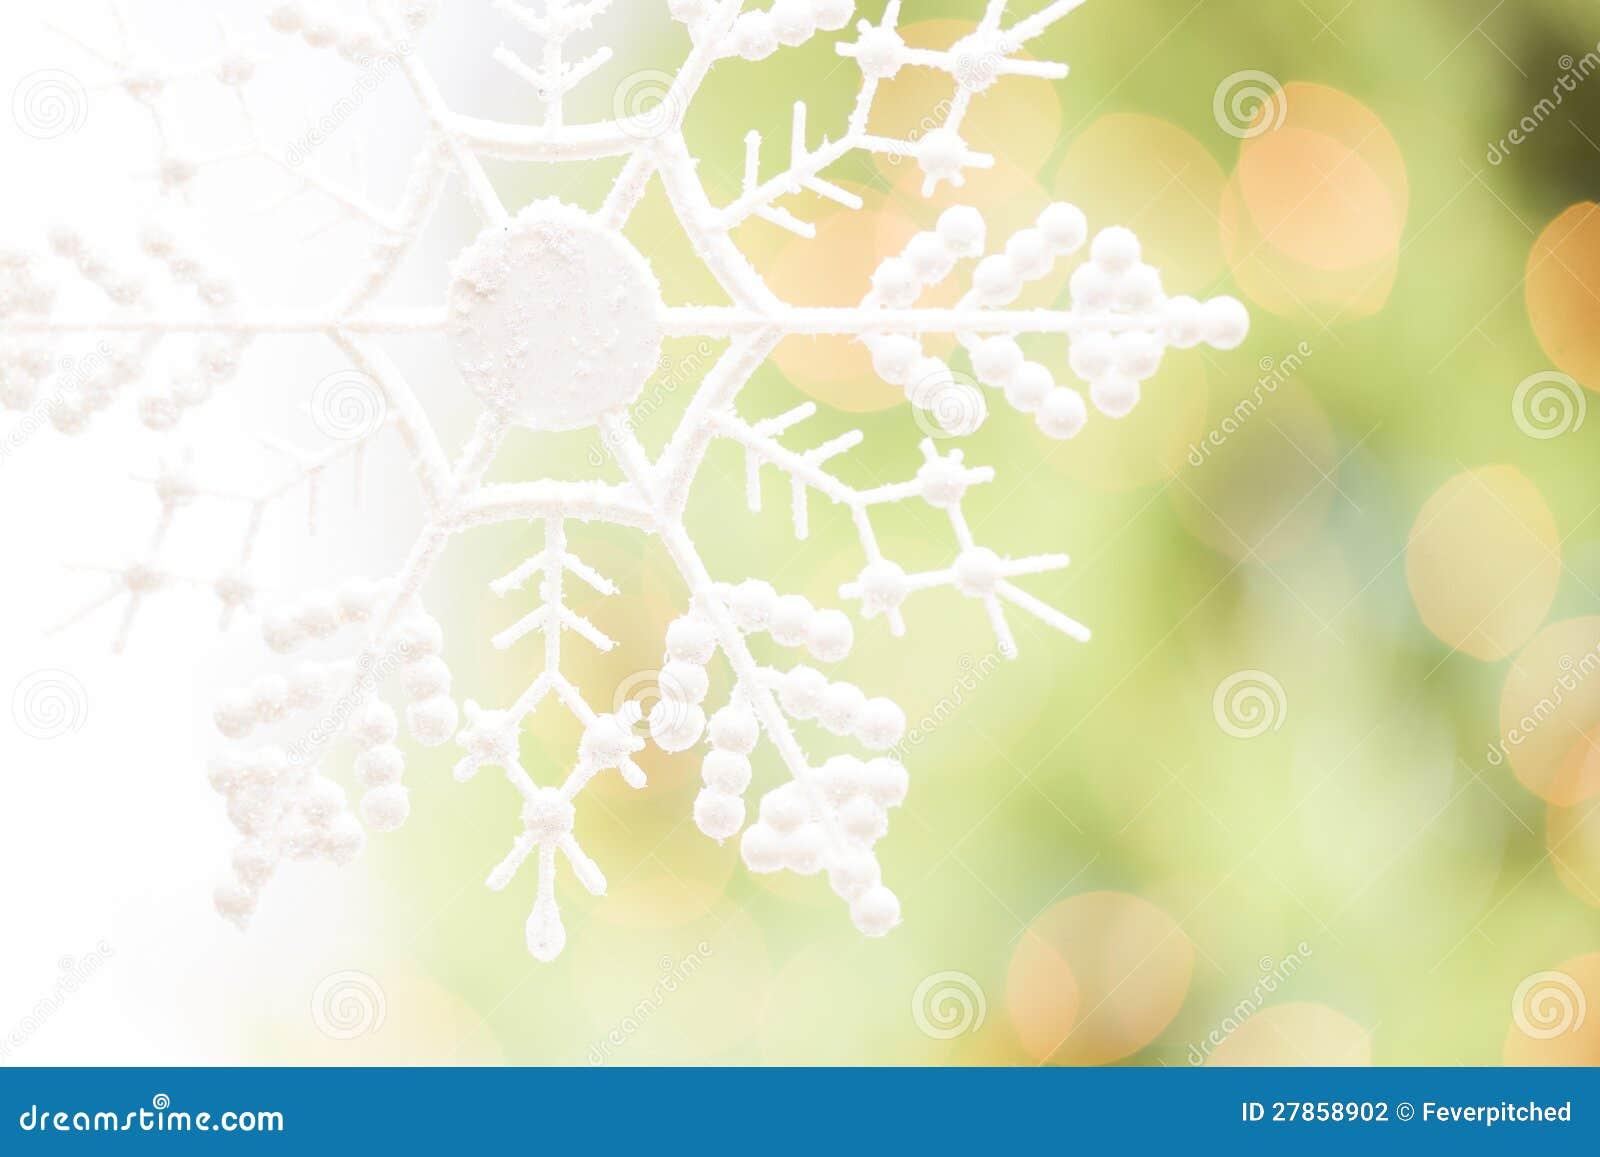 Płatek śniegu Nad Abstrakcjonistycznym zieleni i złota tłem